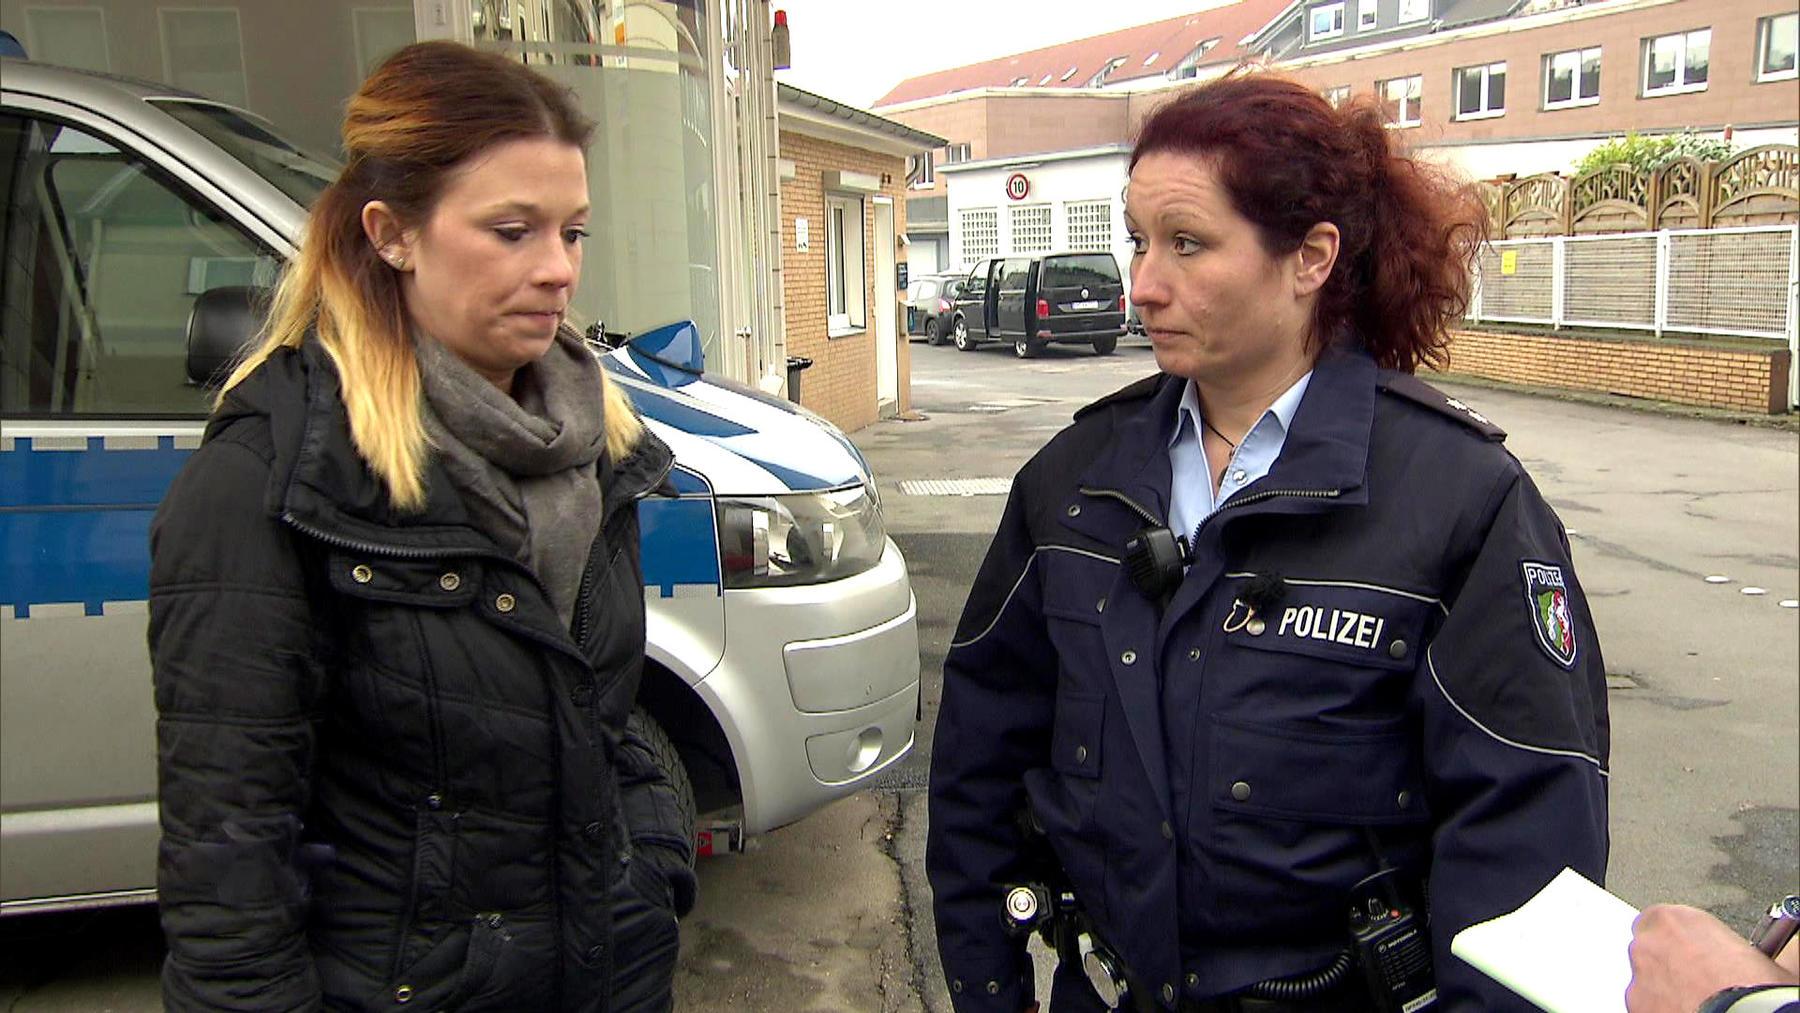 19-jähriges Camgirl wird in ihrer Wohnung überfallen   Baby wird entführt   Familienvater scheint gr